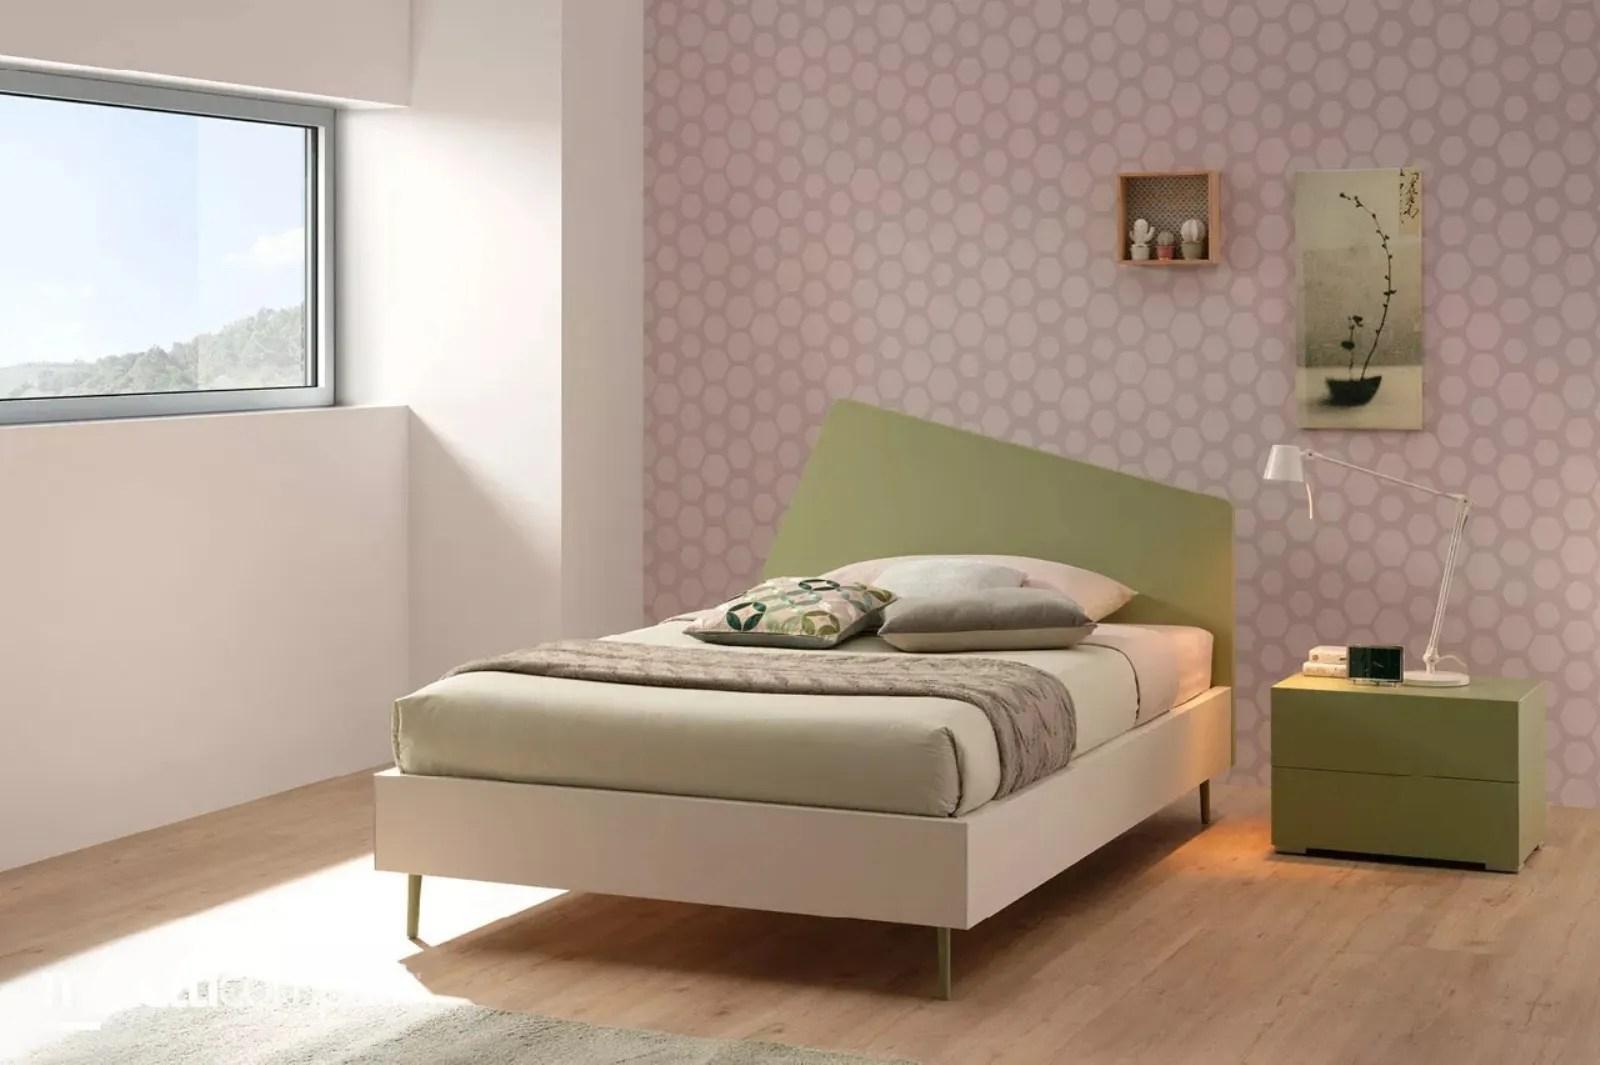 Cameretta in legno con divano letto mc010   cameretta. Letto Con Testiera Moderna Sc122 Di Moretti Compact